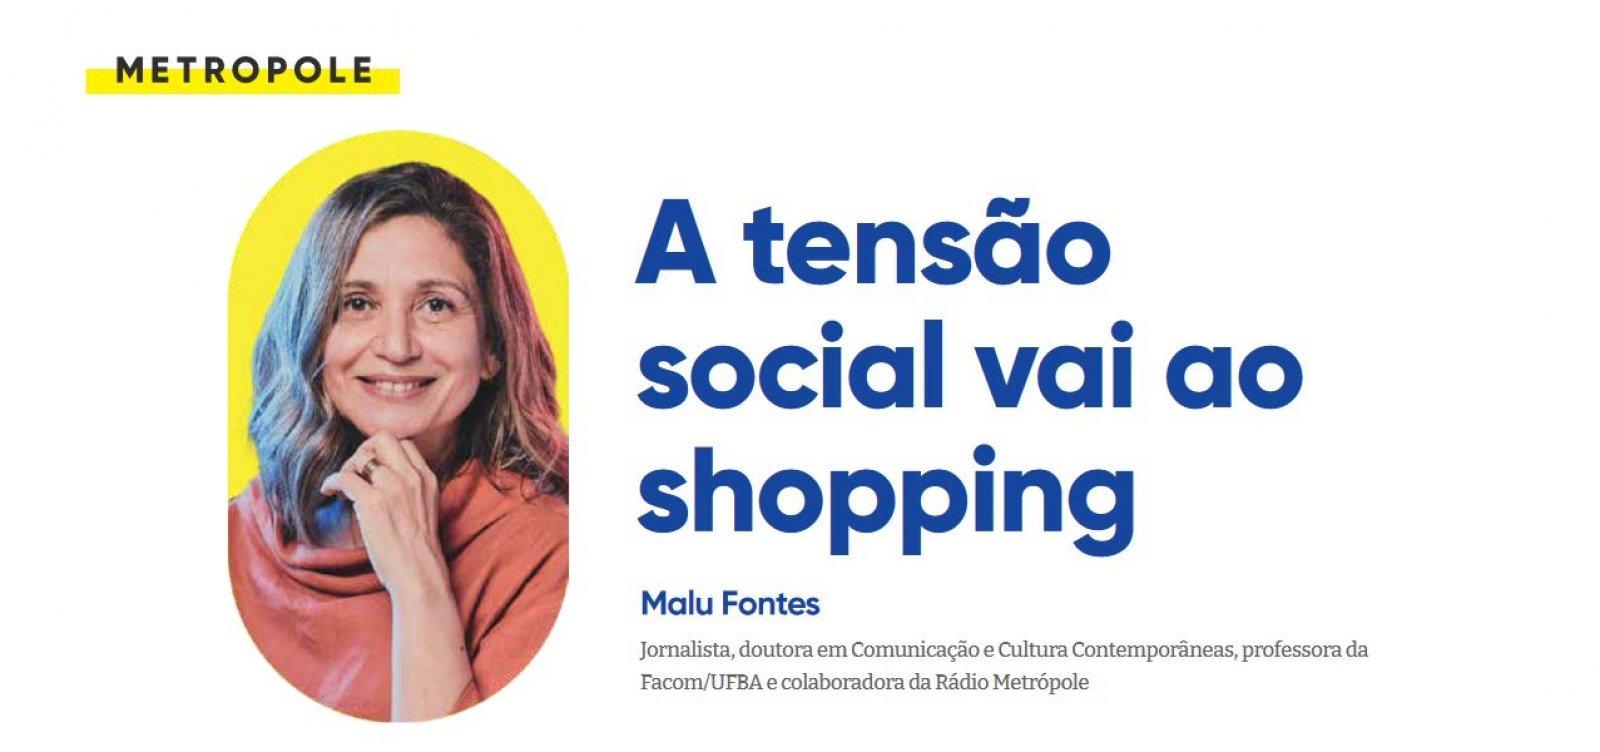 A tensão social vai ao shopping